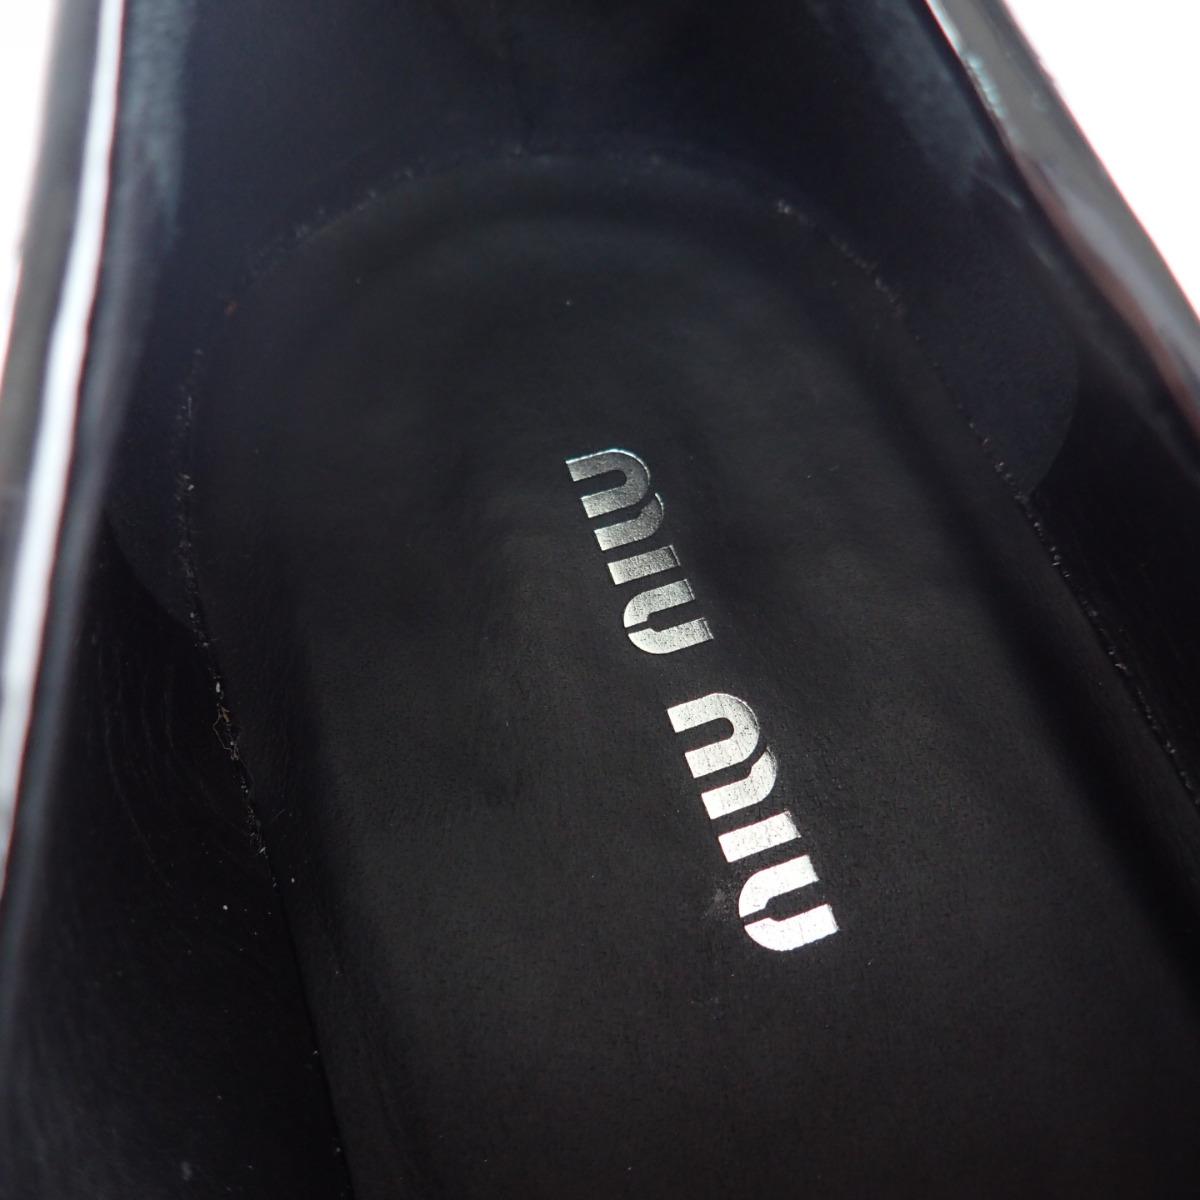 MIUMIU ミュウミュウ パテントレザー ヒールビジュー コインローファー 37 1 2 ブラック レディースZXPkiu